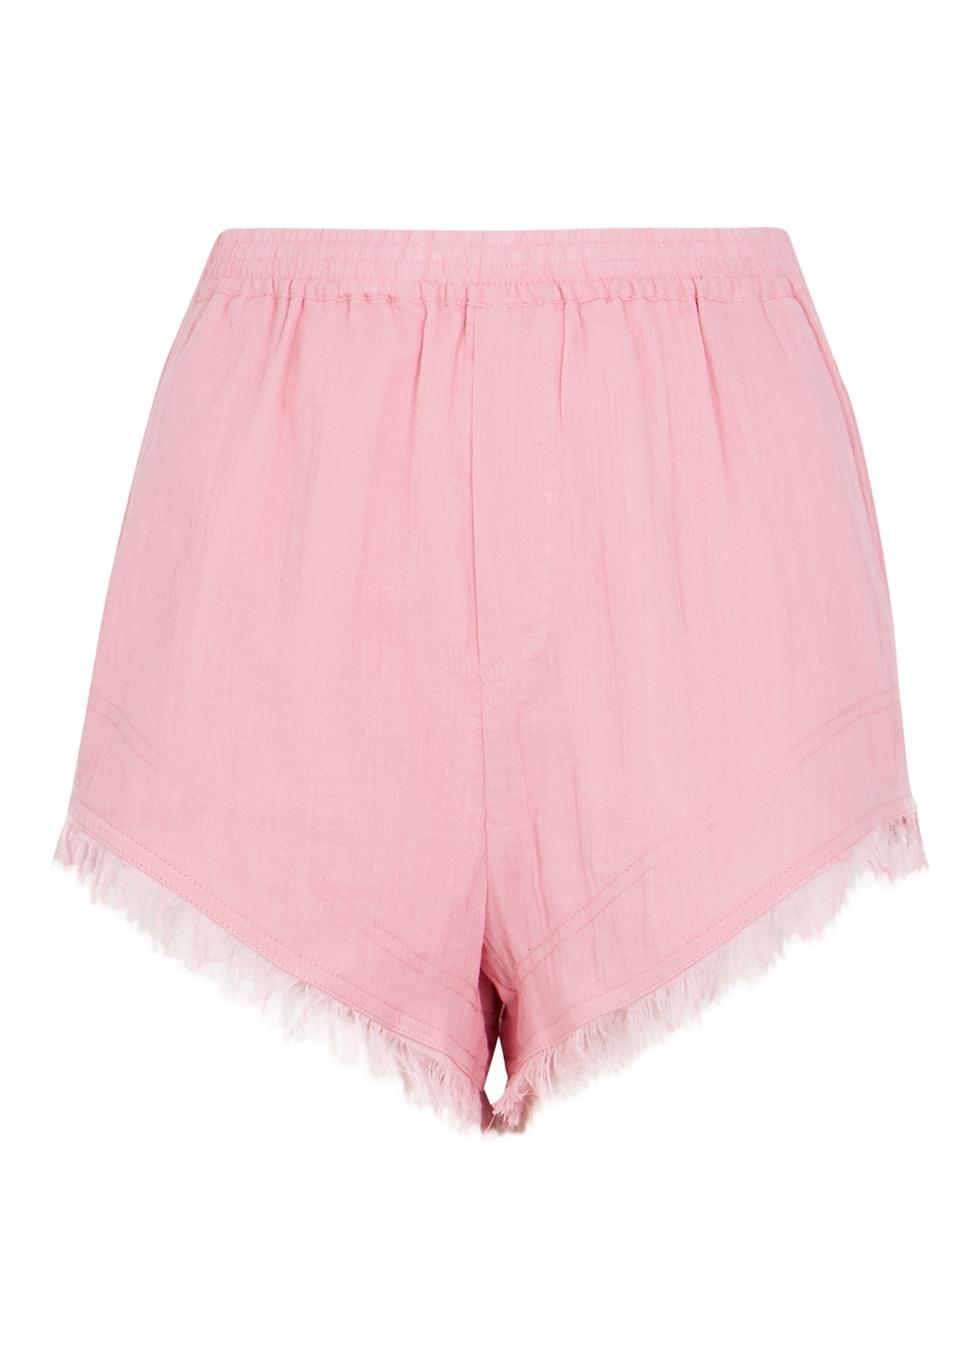 Mabel pink cotton pyjama shorts